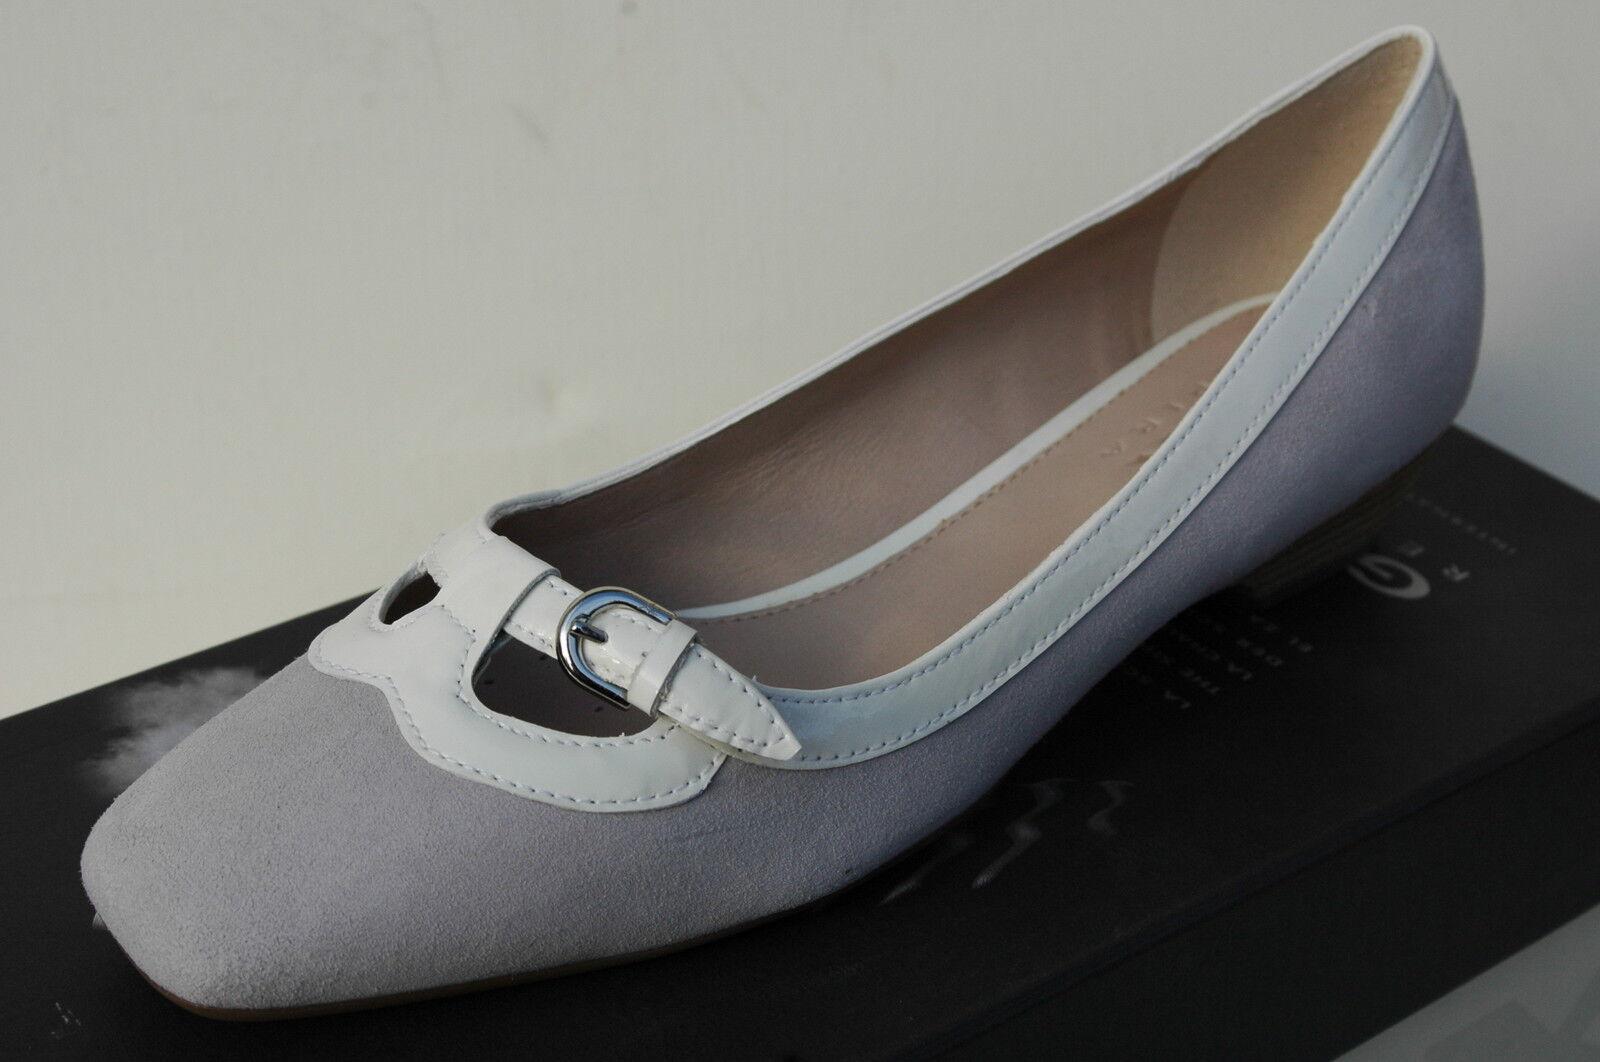 Geox New Rachele Chaussures Femme 37 Mocassins Art Ballerines Escarpins Neuf UK4